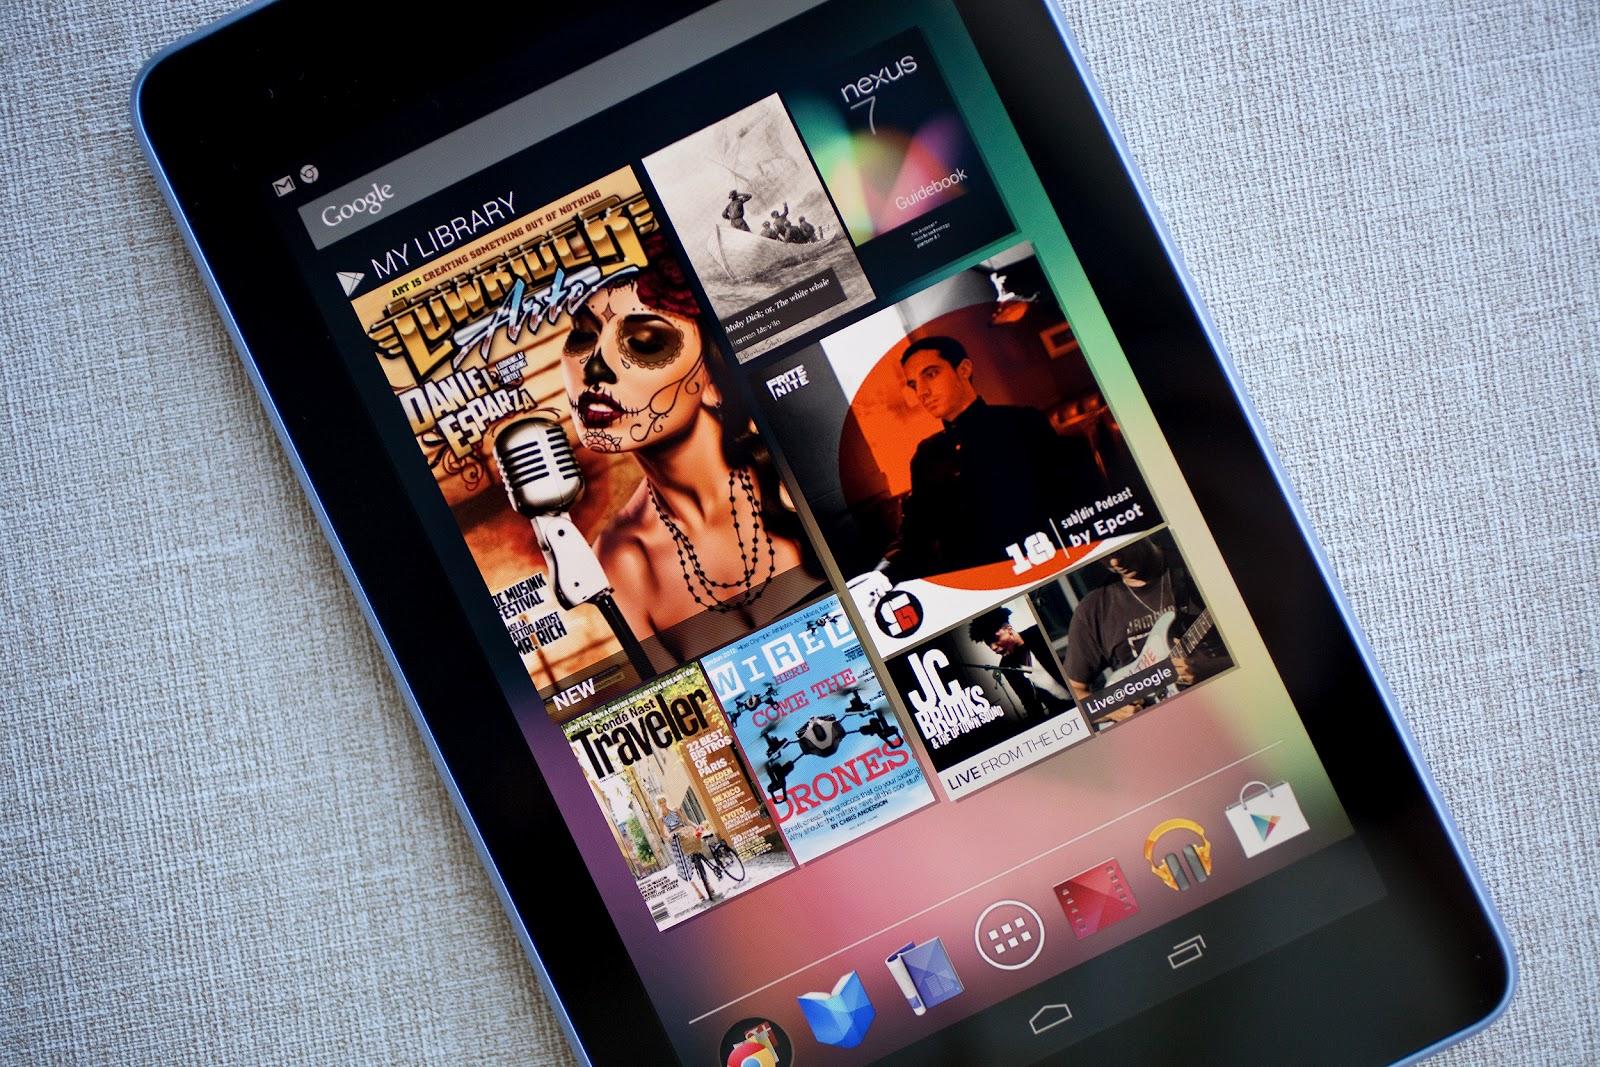 http://1.bp.blogspot.com/-lC273_pv1dI/T-1zzhv6bVI/AAAAAAAACYA/Y0NqvJKjNMw/s1600/Nexux_Tablet_HD_Desktop_Wallpaper-HidefWall.Blogspot.Com.jpg